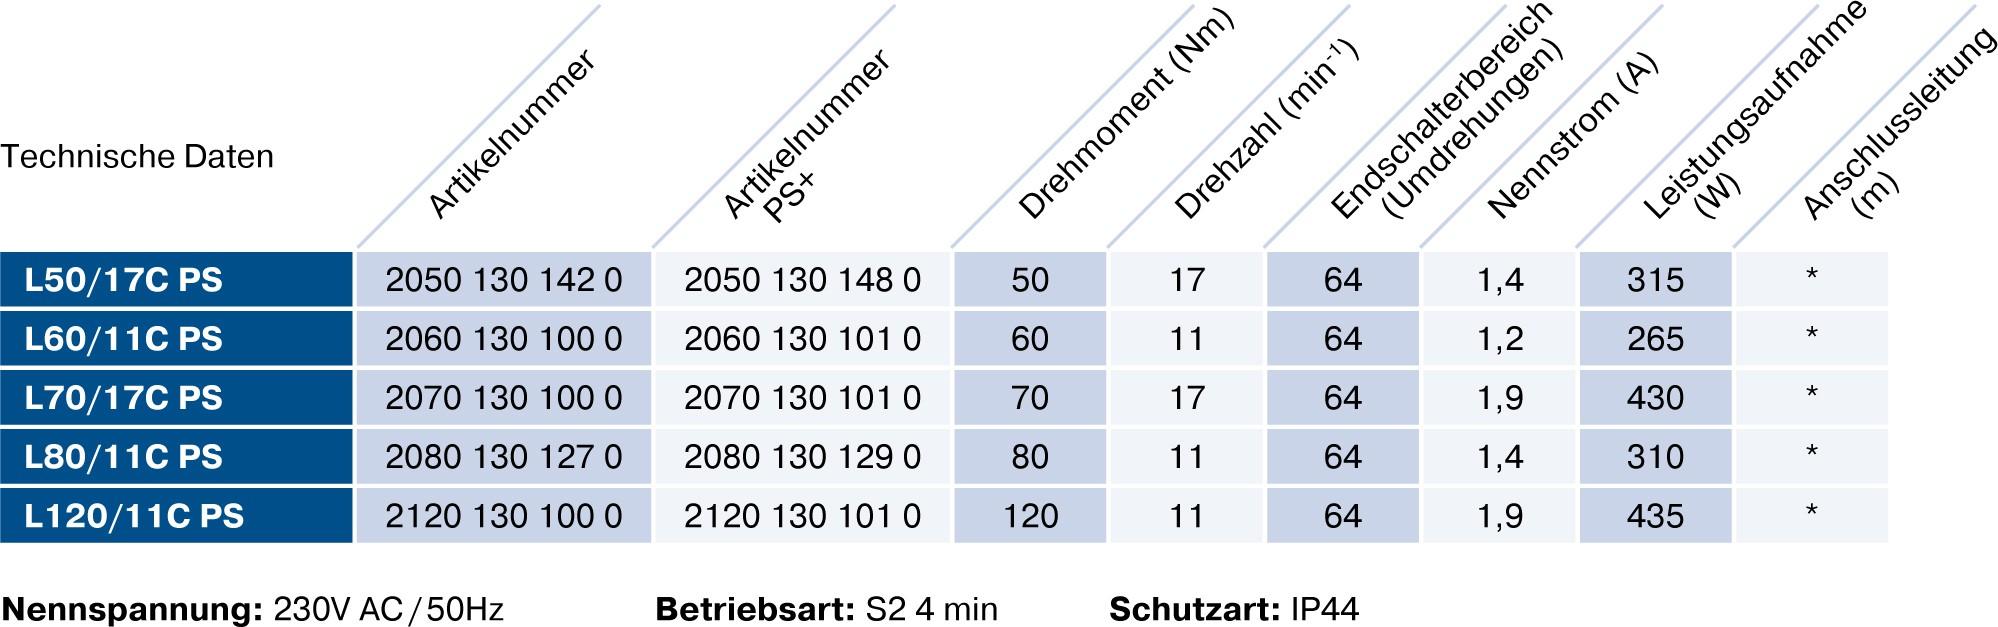 Becker L-C PS(+) Technische Daten